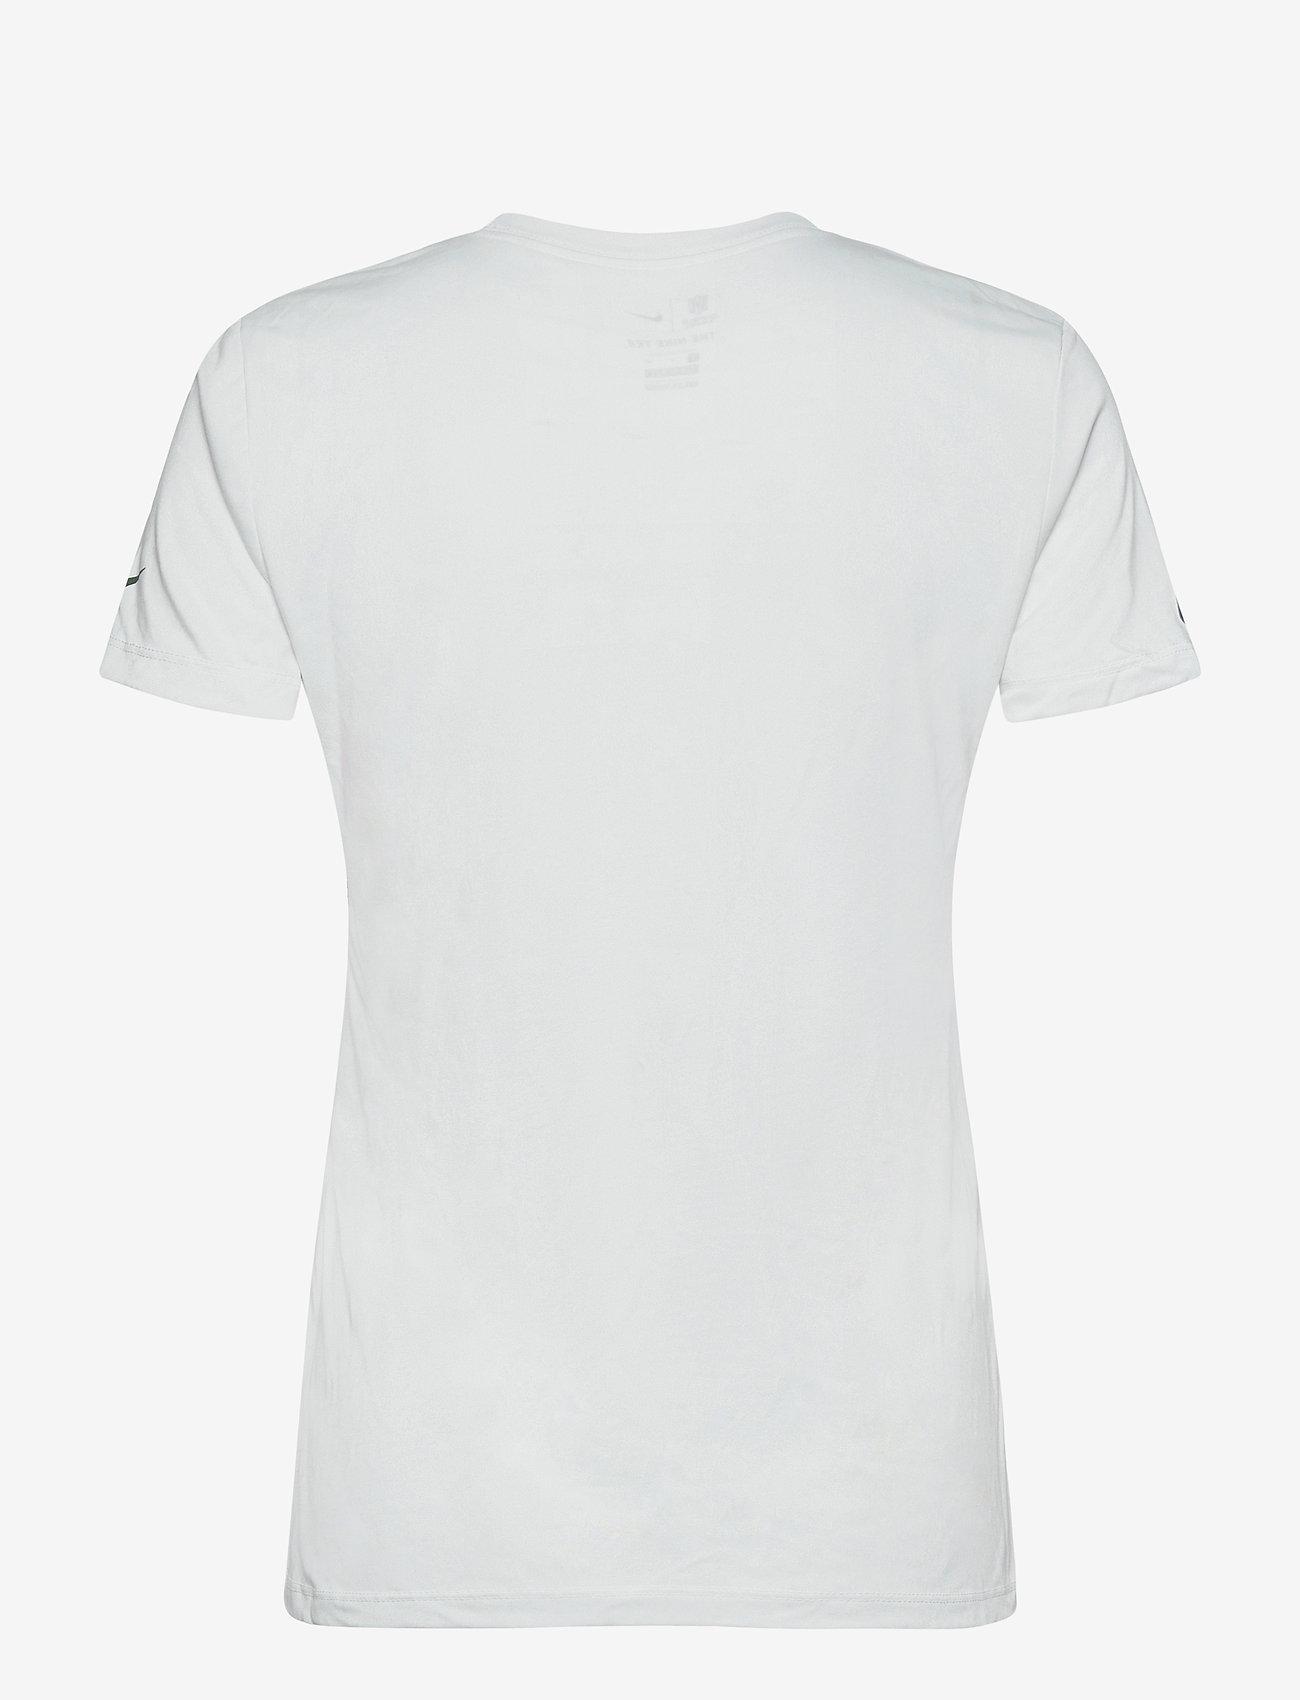 NIKE Fan Gear - Green Bay Packers Nike Team Name Legend Sideline - t-skjorter - white - 1